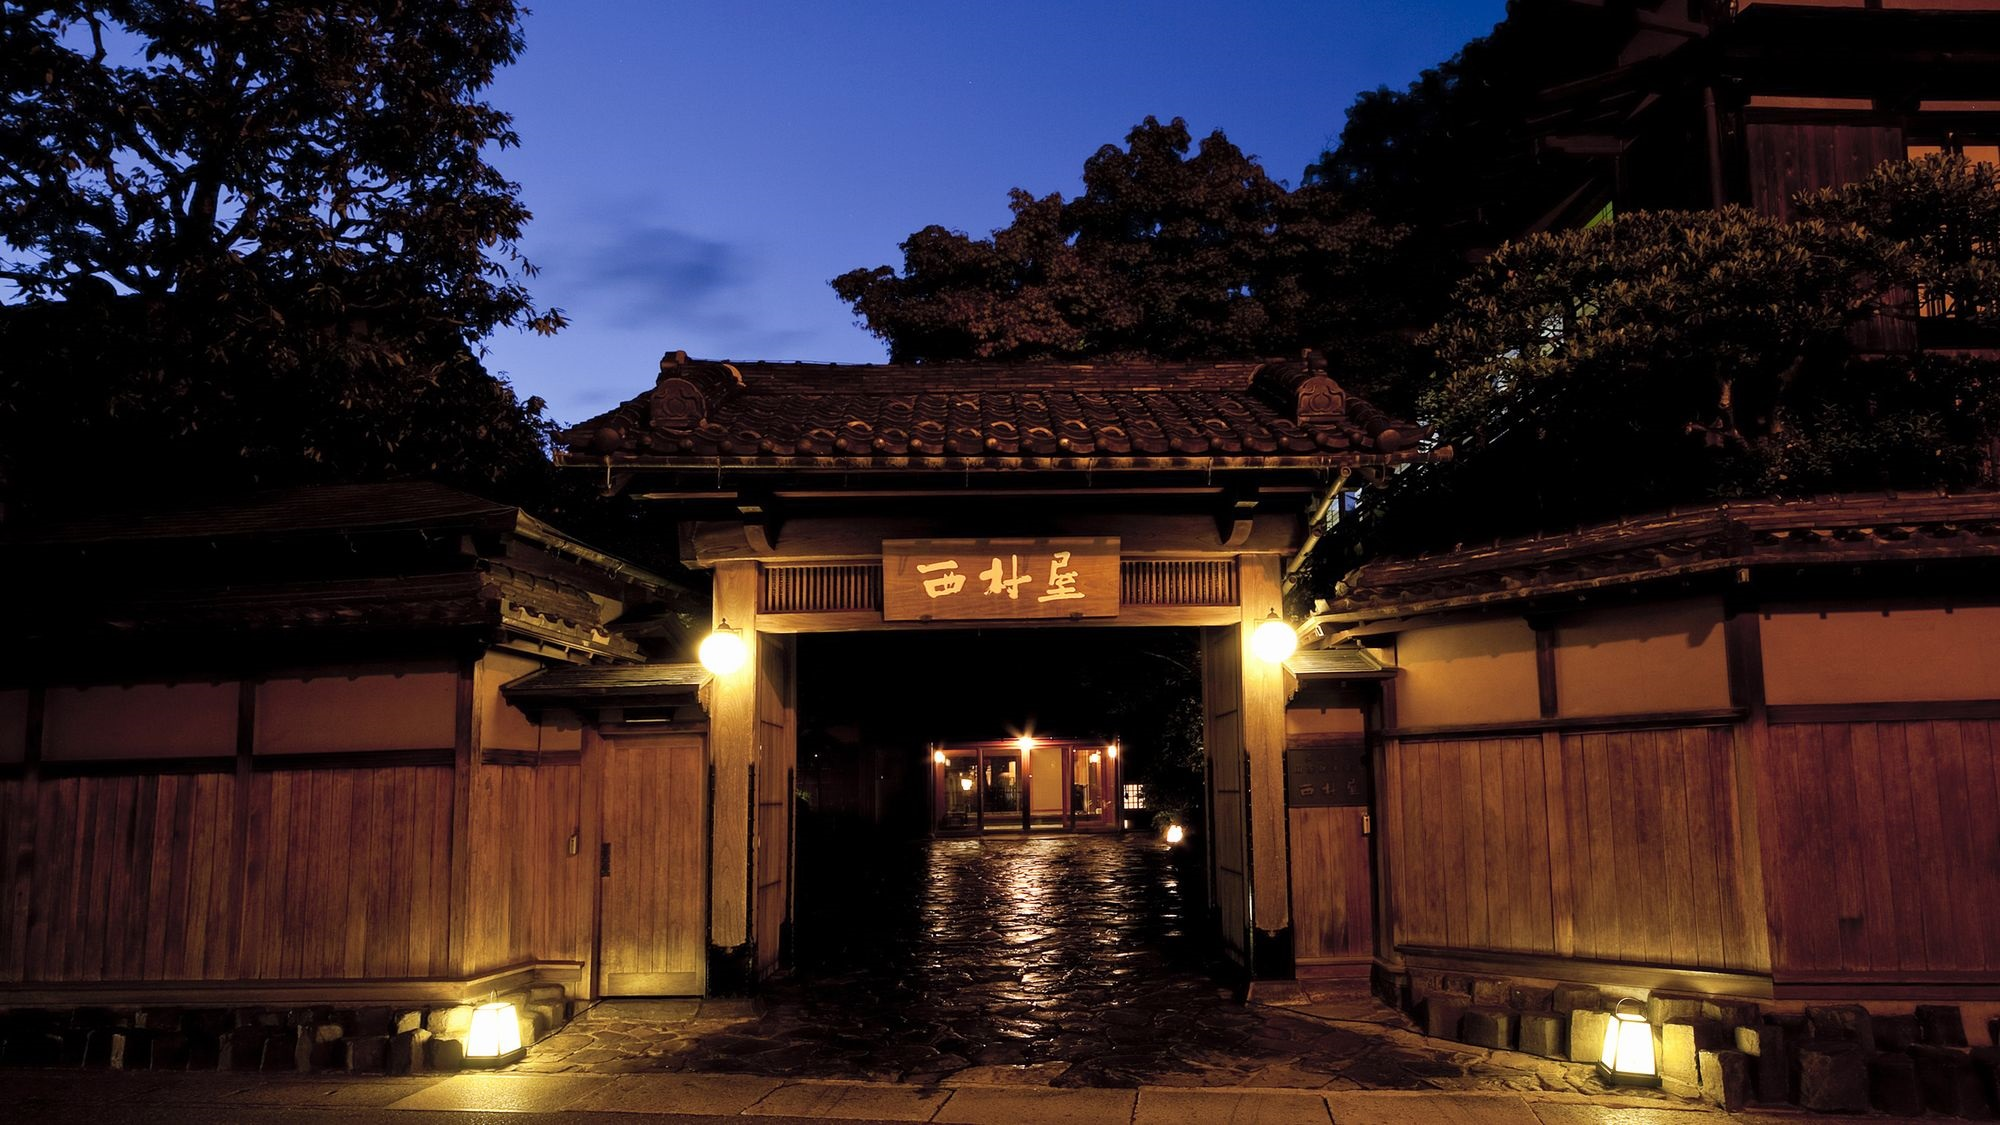 両親の還暦祝いに4万円以内で泊まれる城崎温泉を教えて!